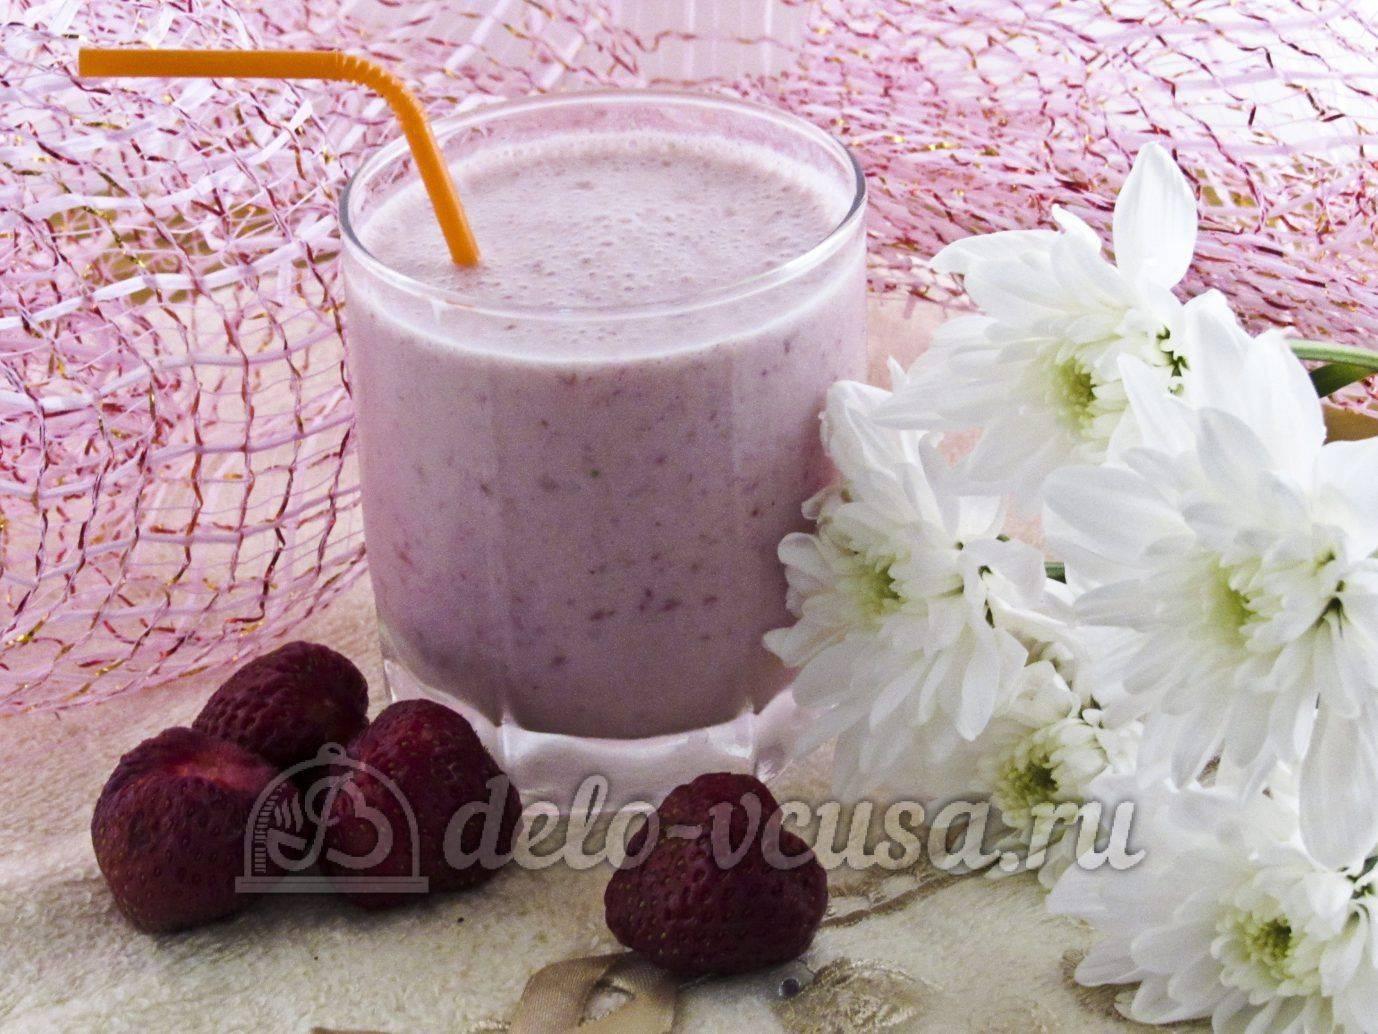 Бананово-клубничный молочный коктейль - 6 пошаговых фото в рецепте